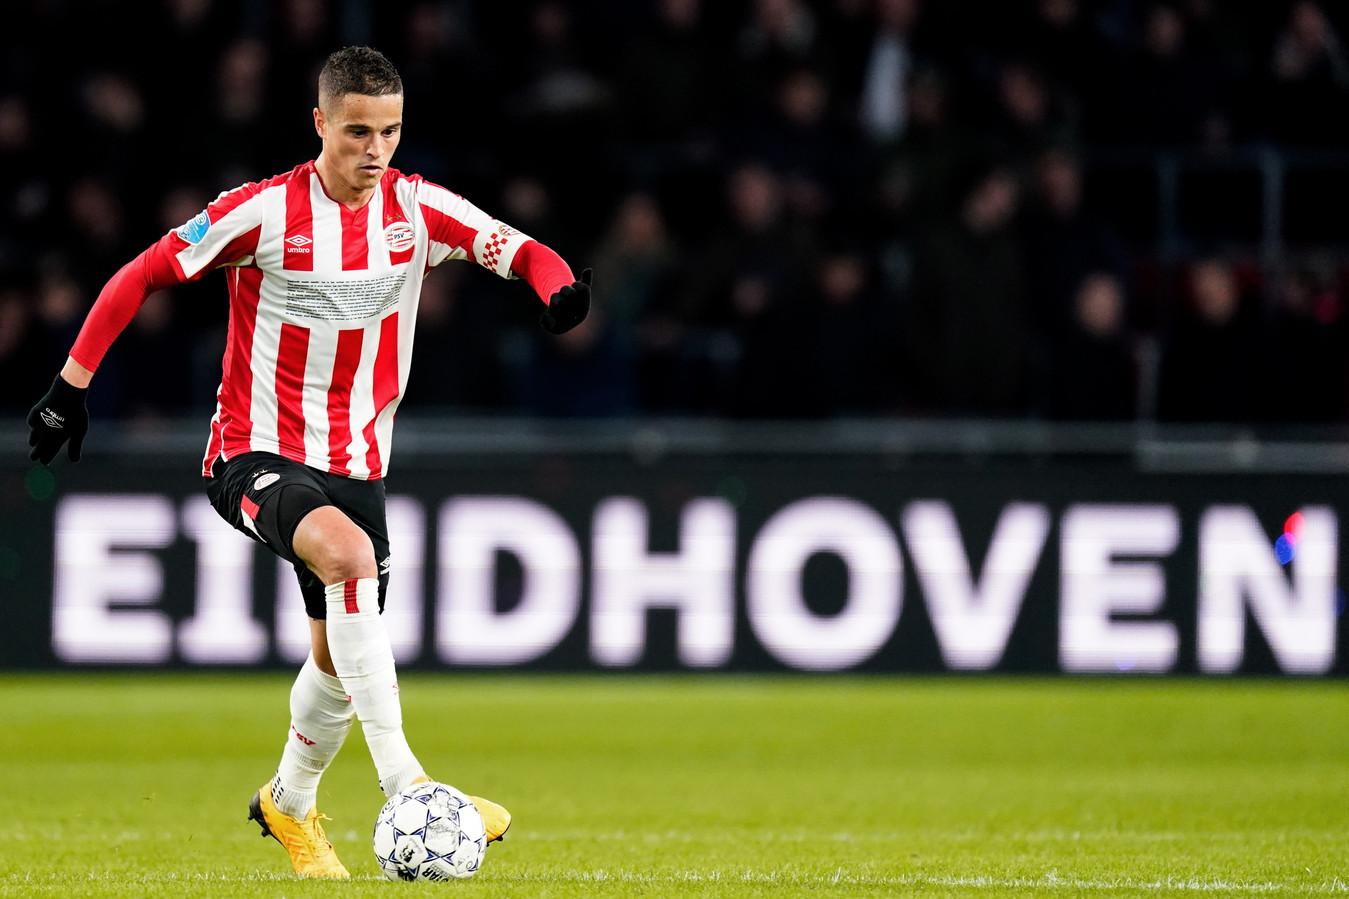 Aanvoerder Ibrahim Afellay vertrekt bij PSV.